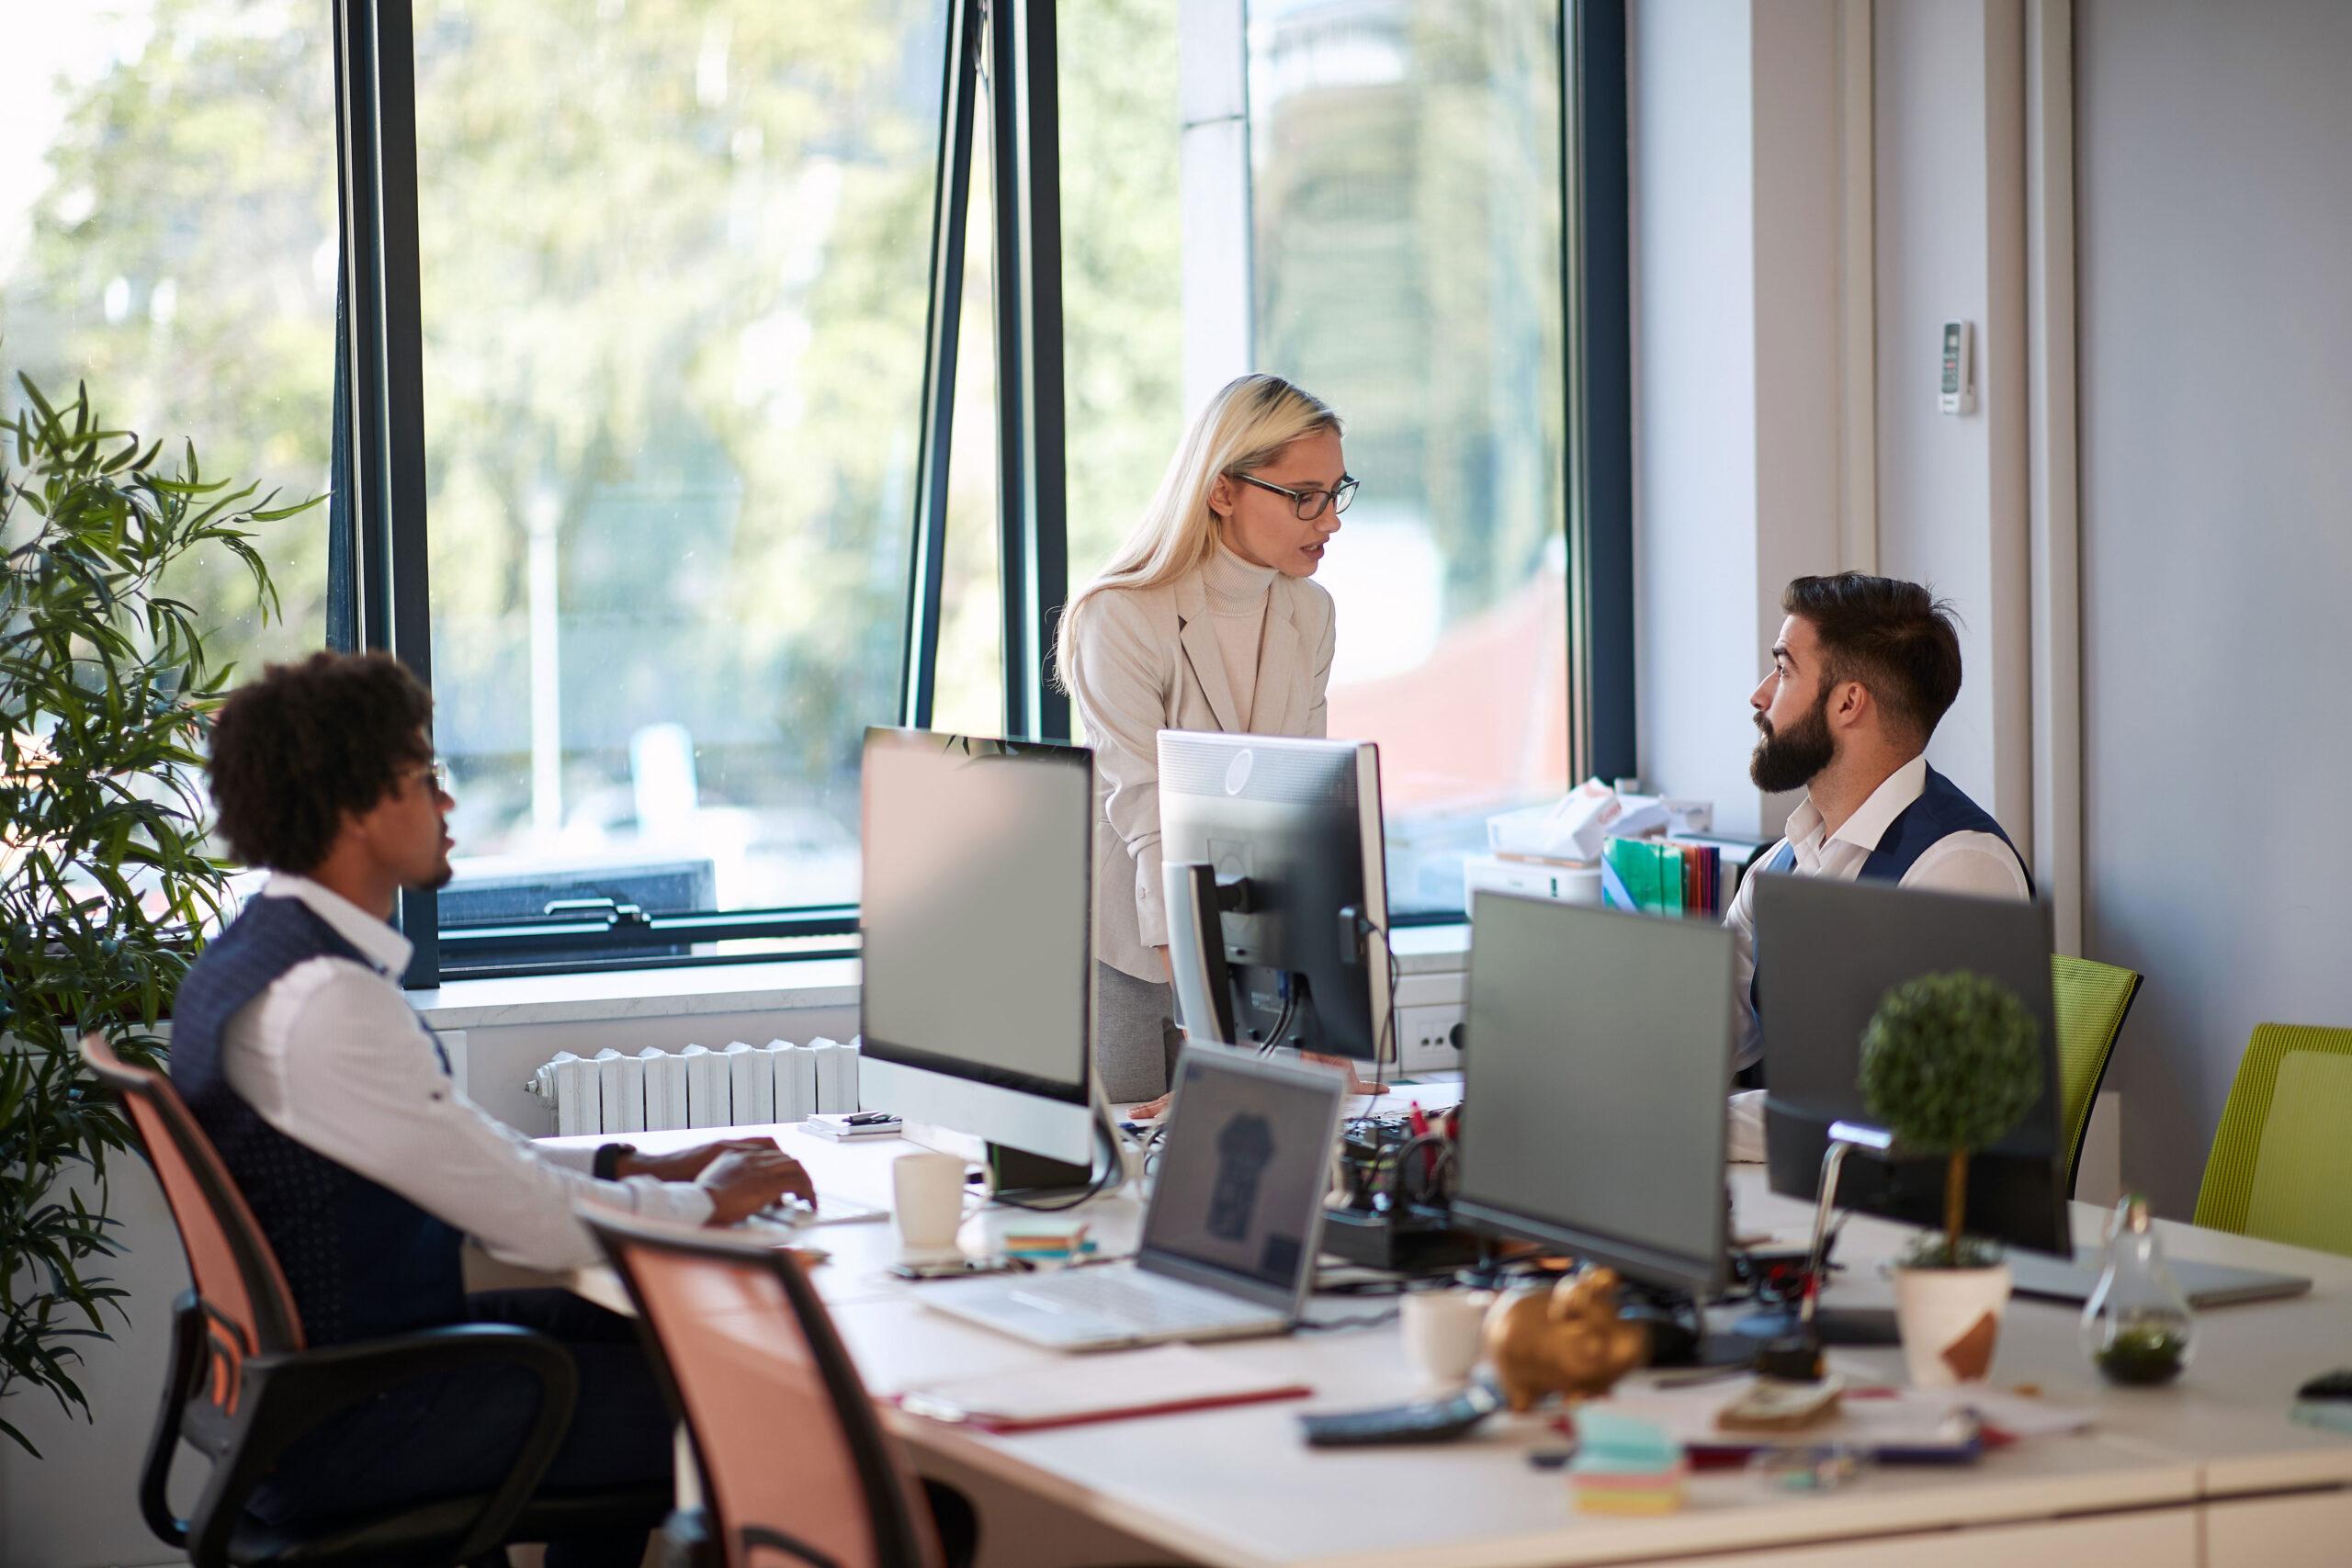 hvordan utvikle ansatte sjef samtale teambuilding